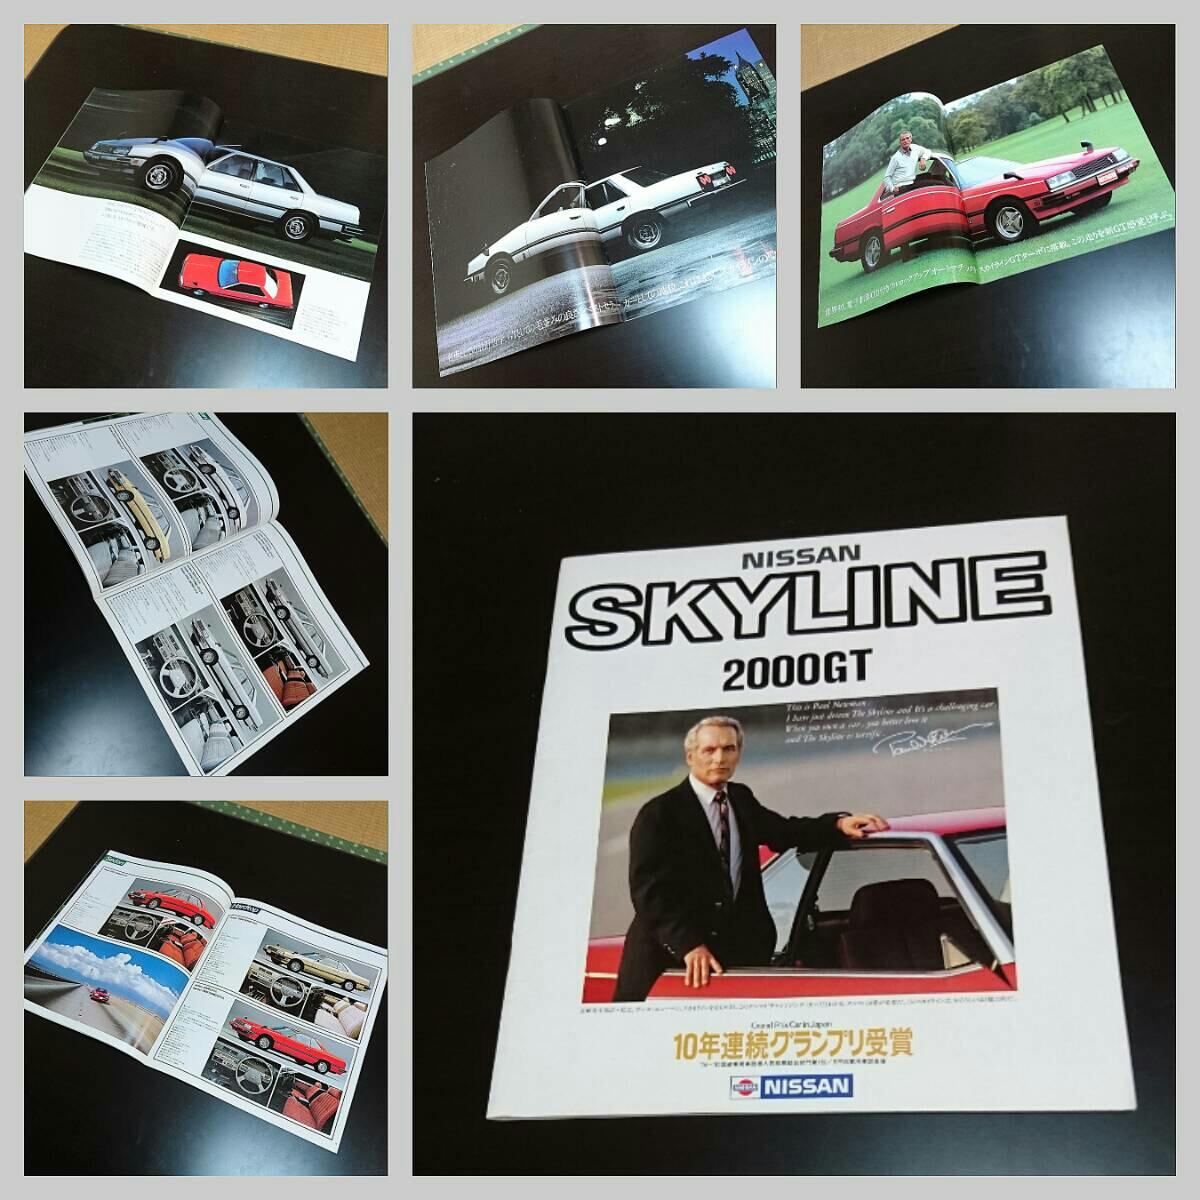 ◯当時物 旧車カタログ 日産 スカイライン 2000GT 昭和レトロ NISSAN SKYLINE 2冊セット(SC-22)_画像4